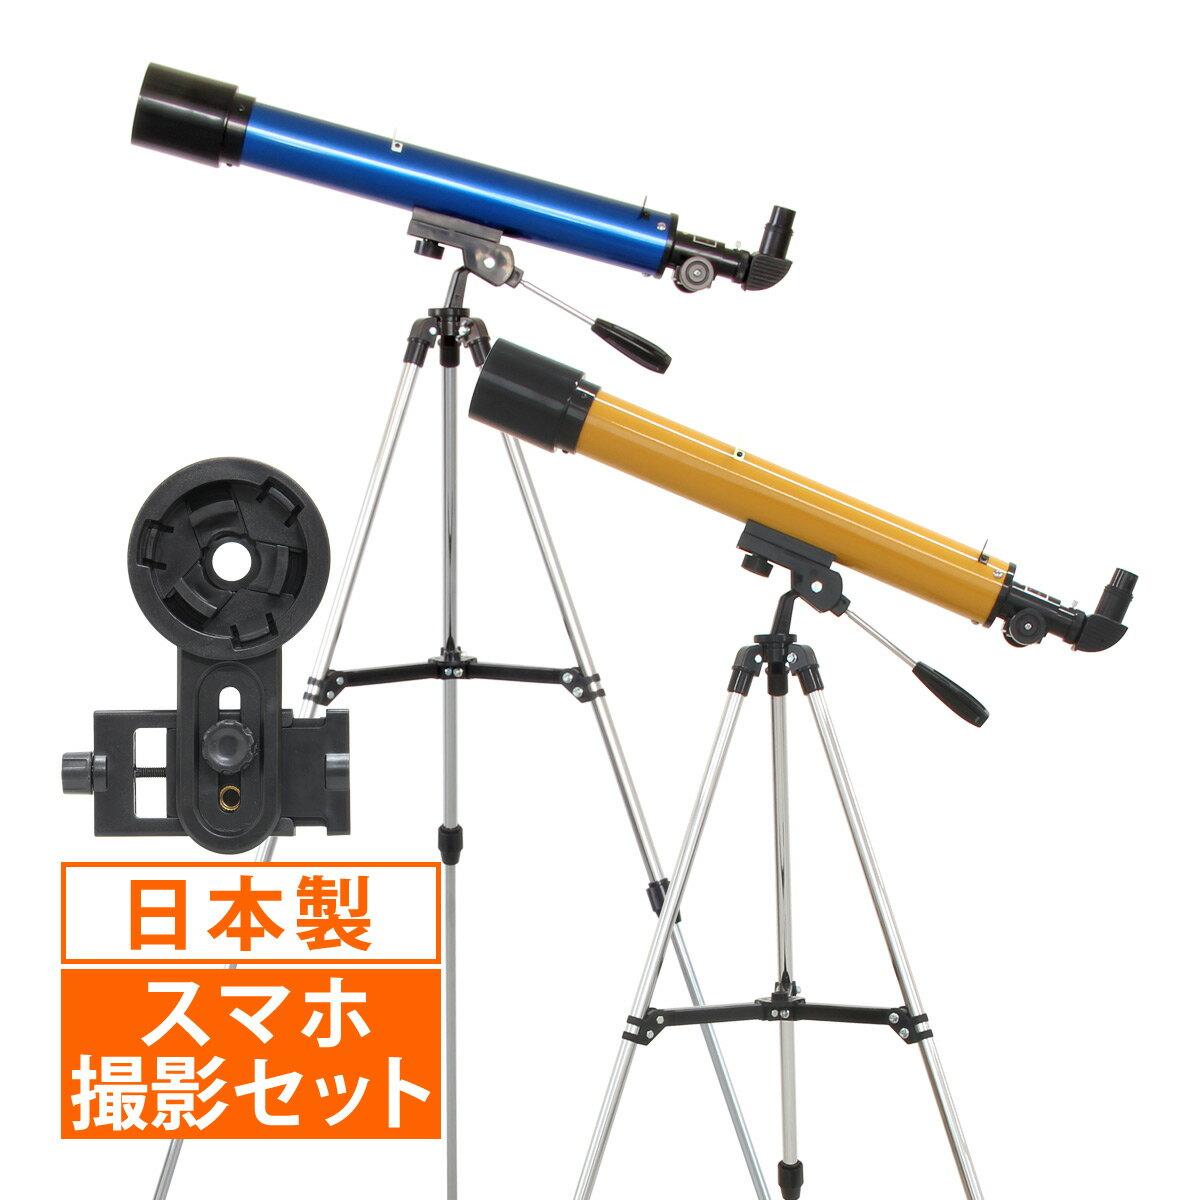 【スーパーセール クーポン配布中 〜6/21 1:59】天体望遠鏡 スマホ 初心者 子供 小学生 レグルス60 日本製 口径60mm カメラアダプター 屈折式 おすすめ 入門 入学祝い